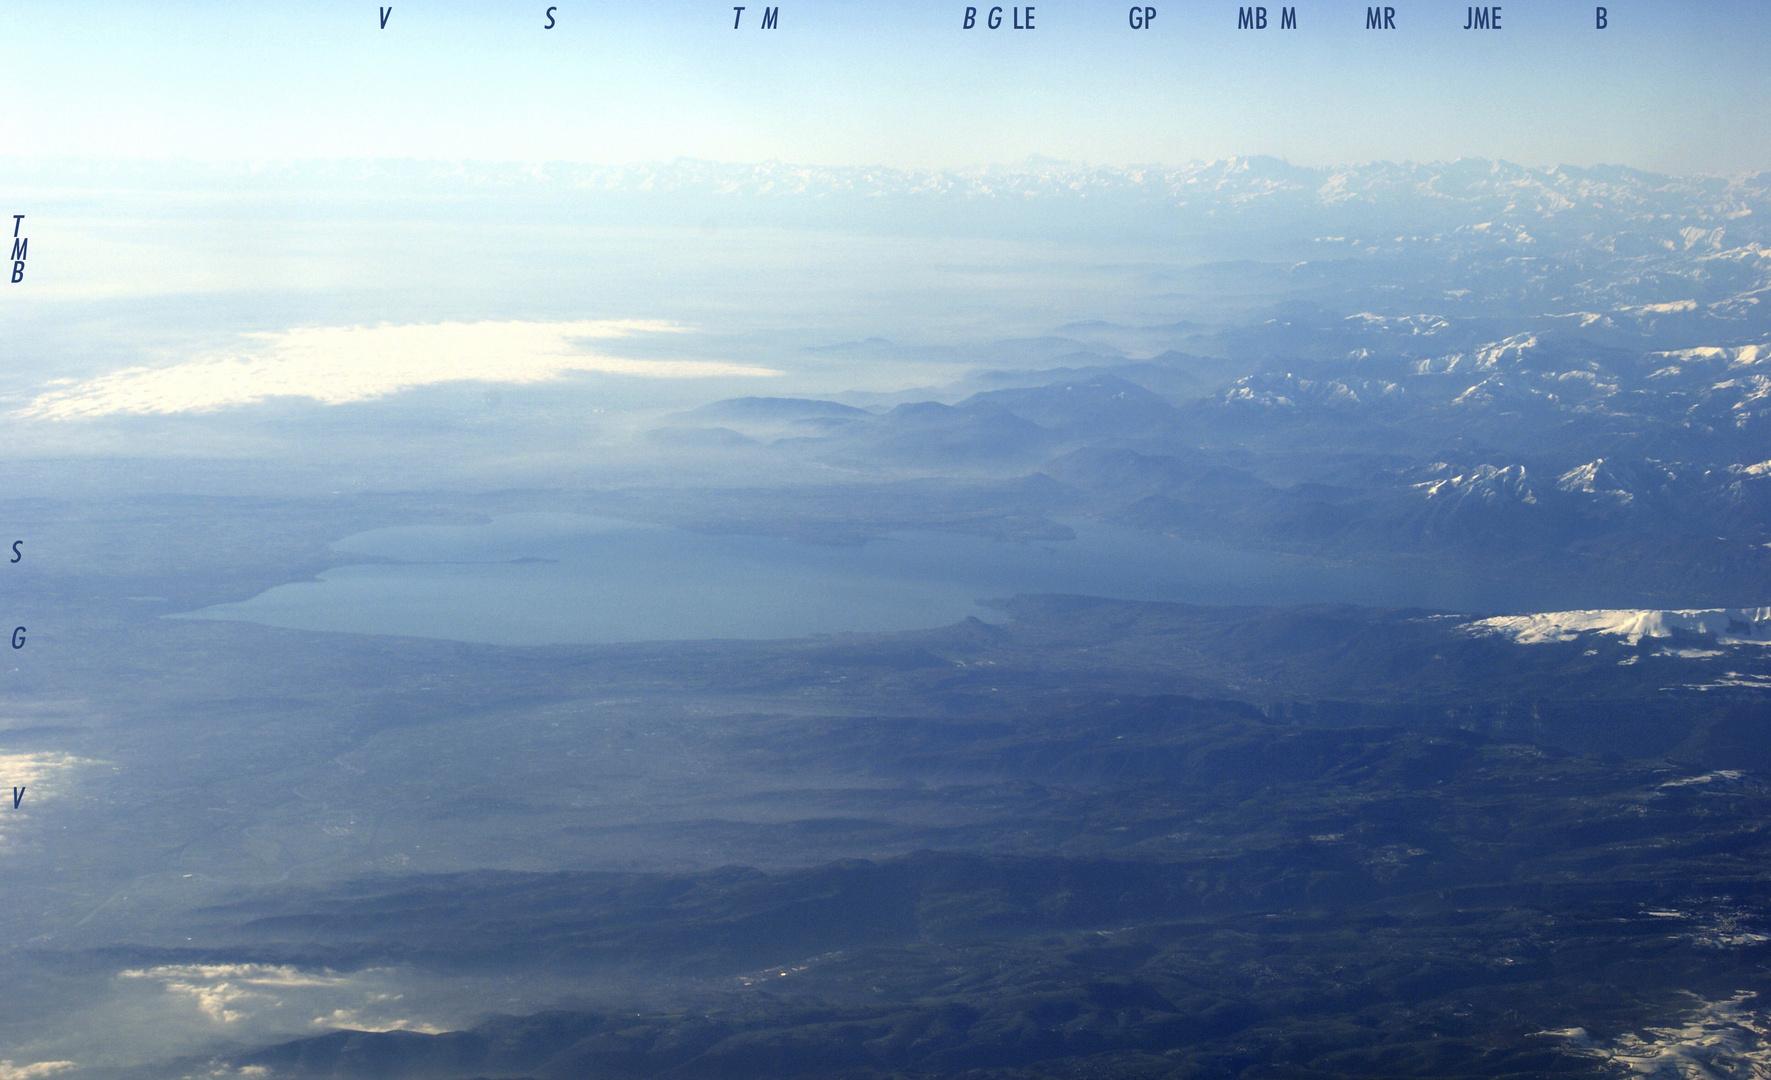 Blicke über Italien hinaus (1) - Gardasee und Alpen